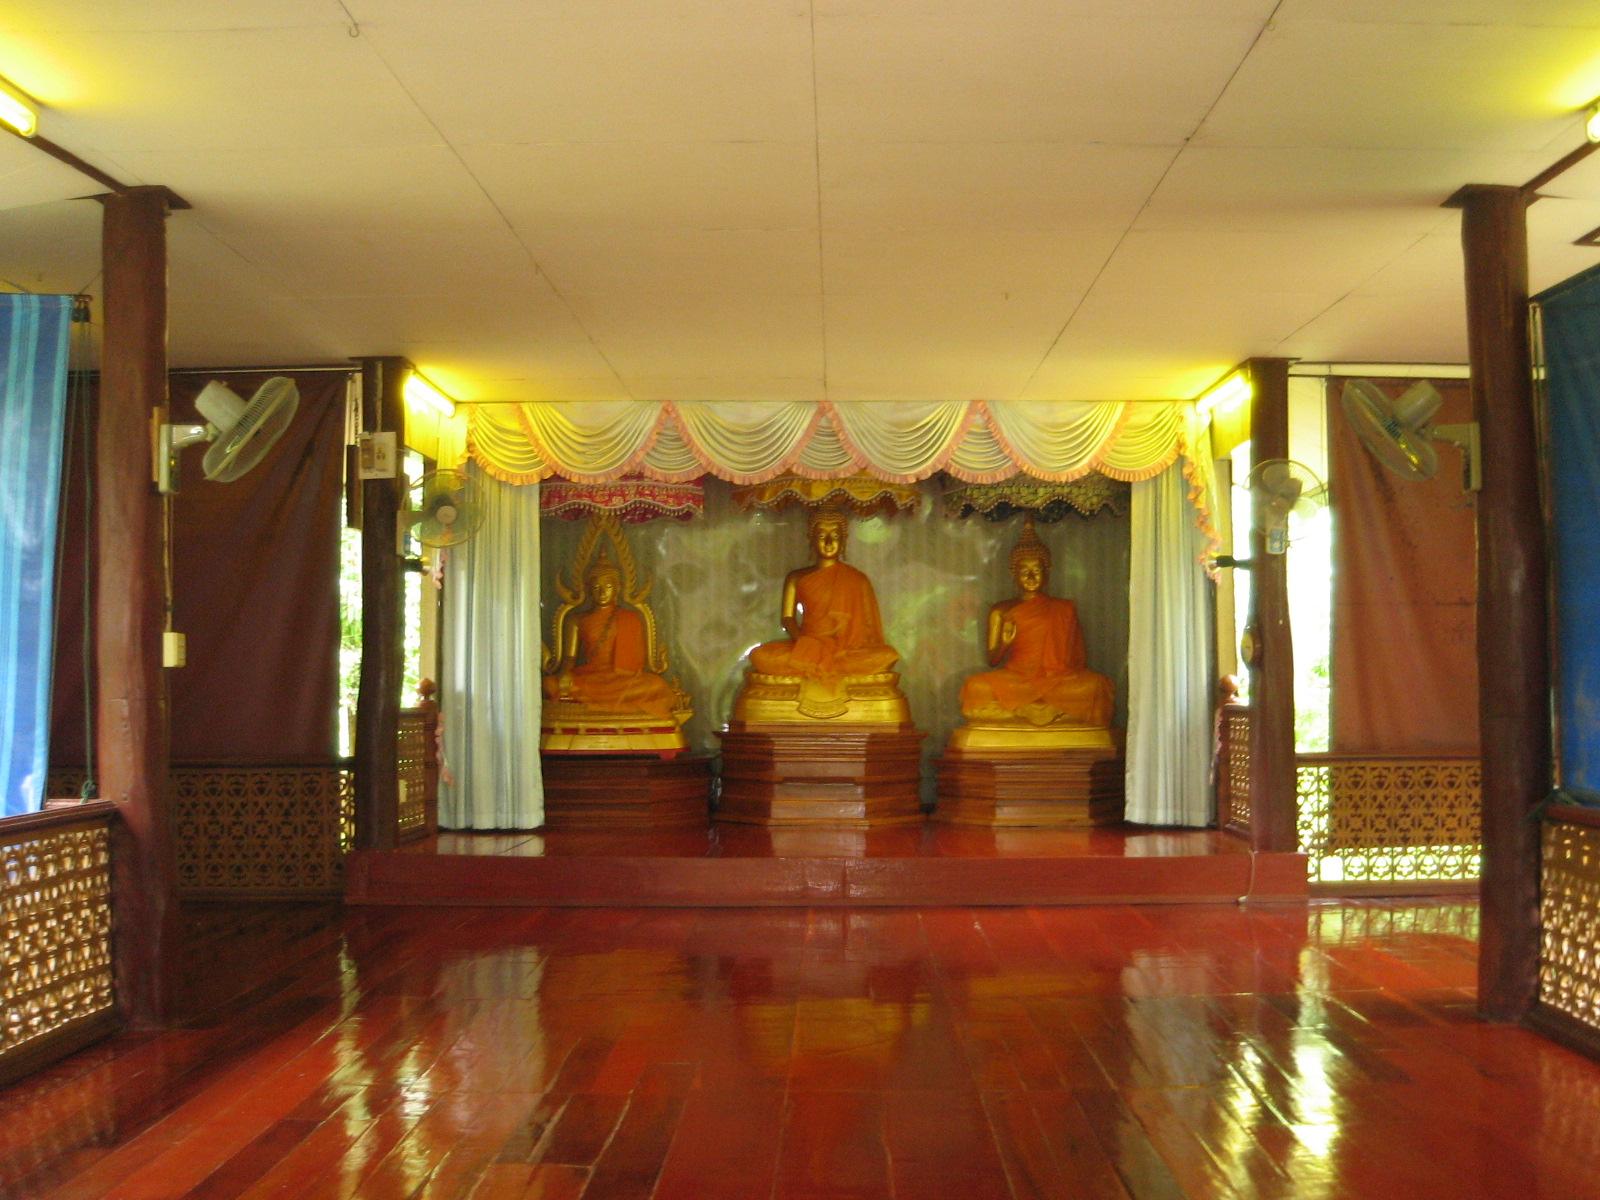 Inside the Dhammasala Hall